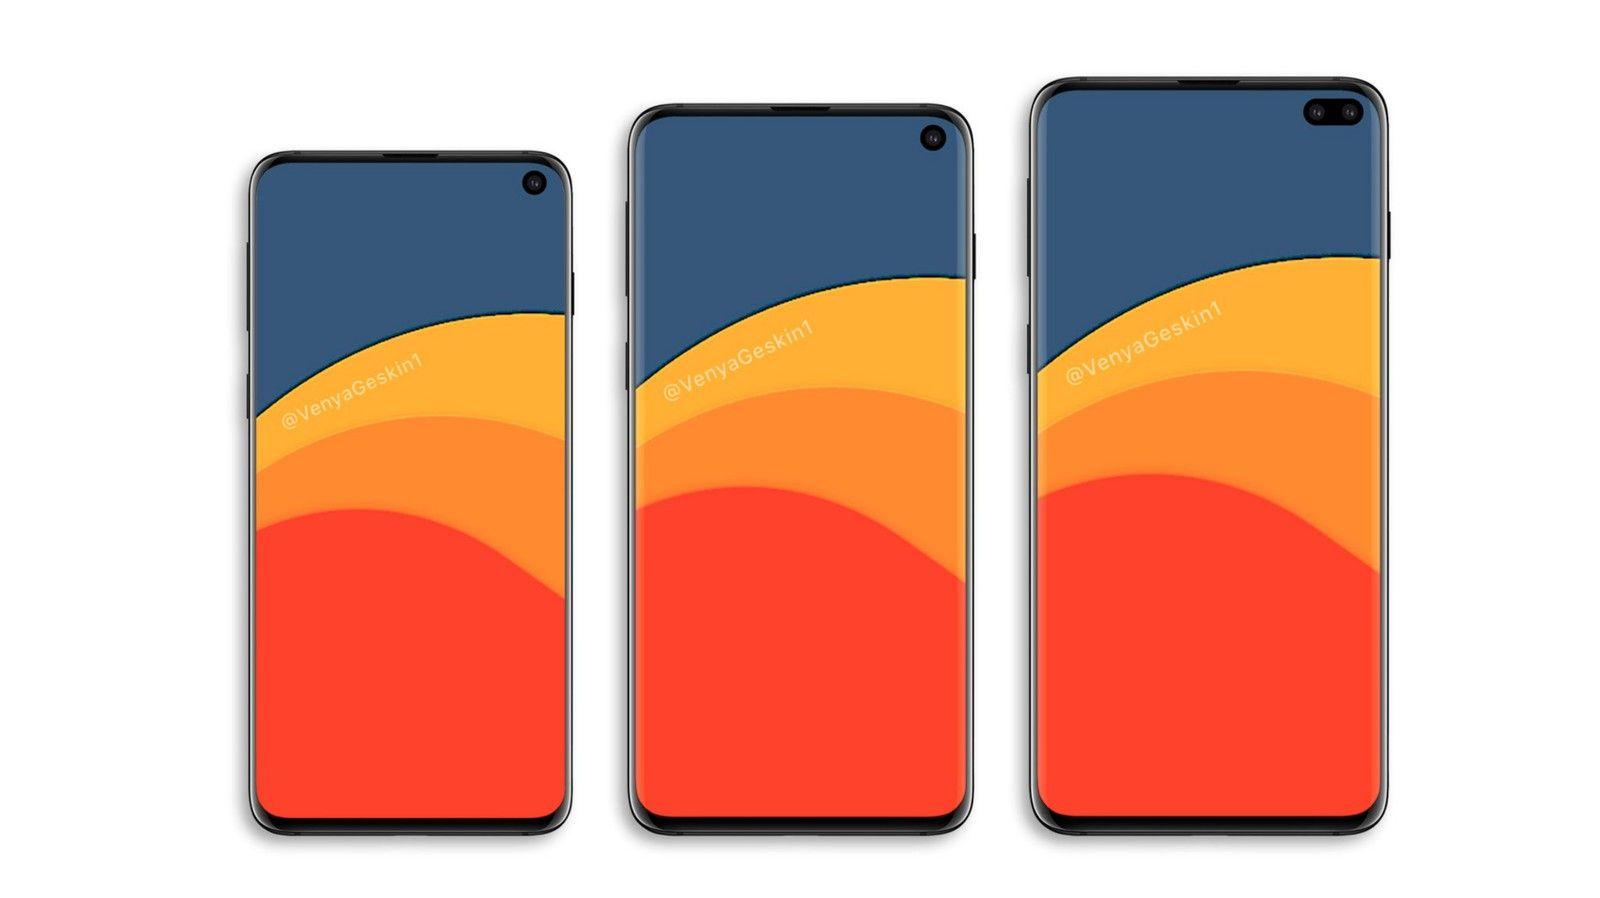 تعرف على سعر سامسونج S10 الجديد لكل الدول Samsung S10 Price نجوم مصرية Samsung Galaxy Samsung Galaxy